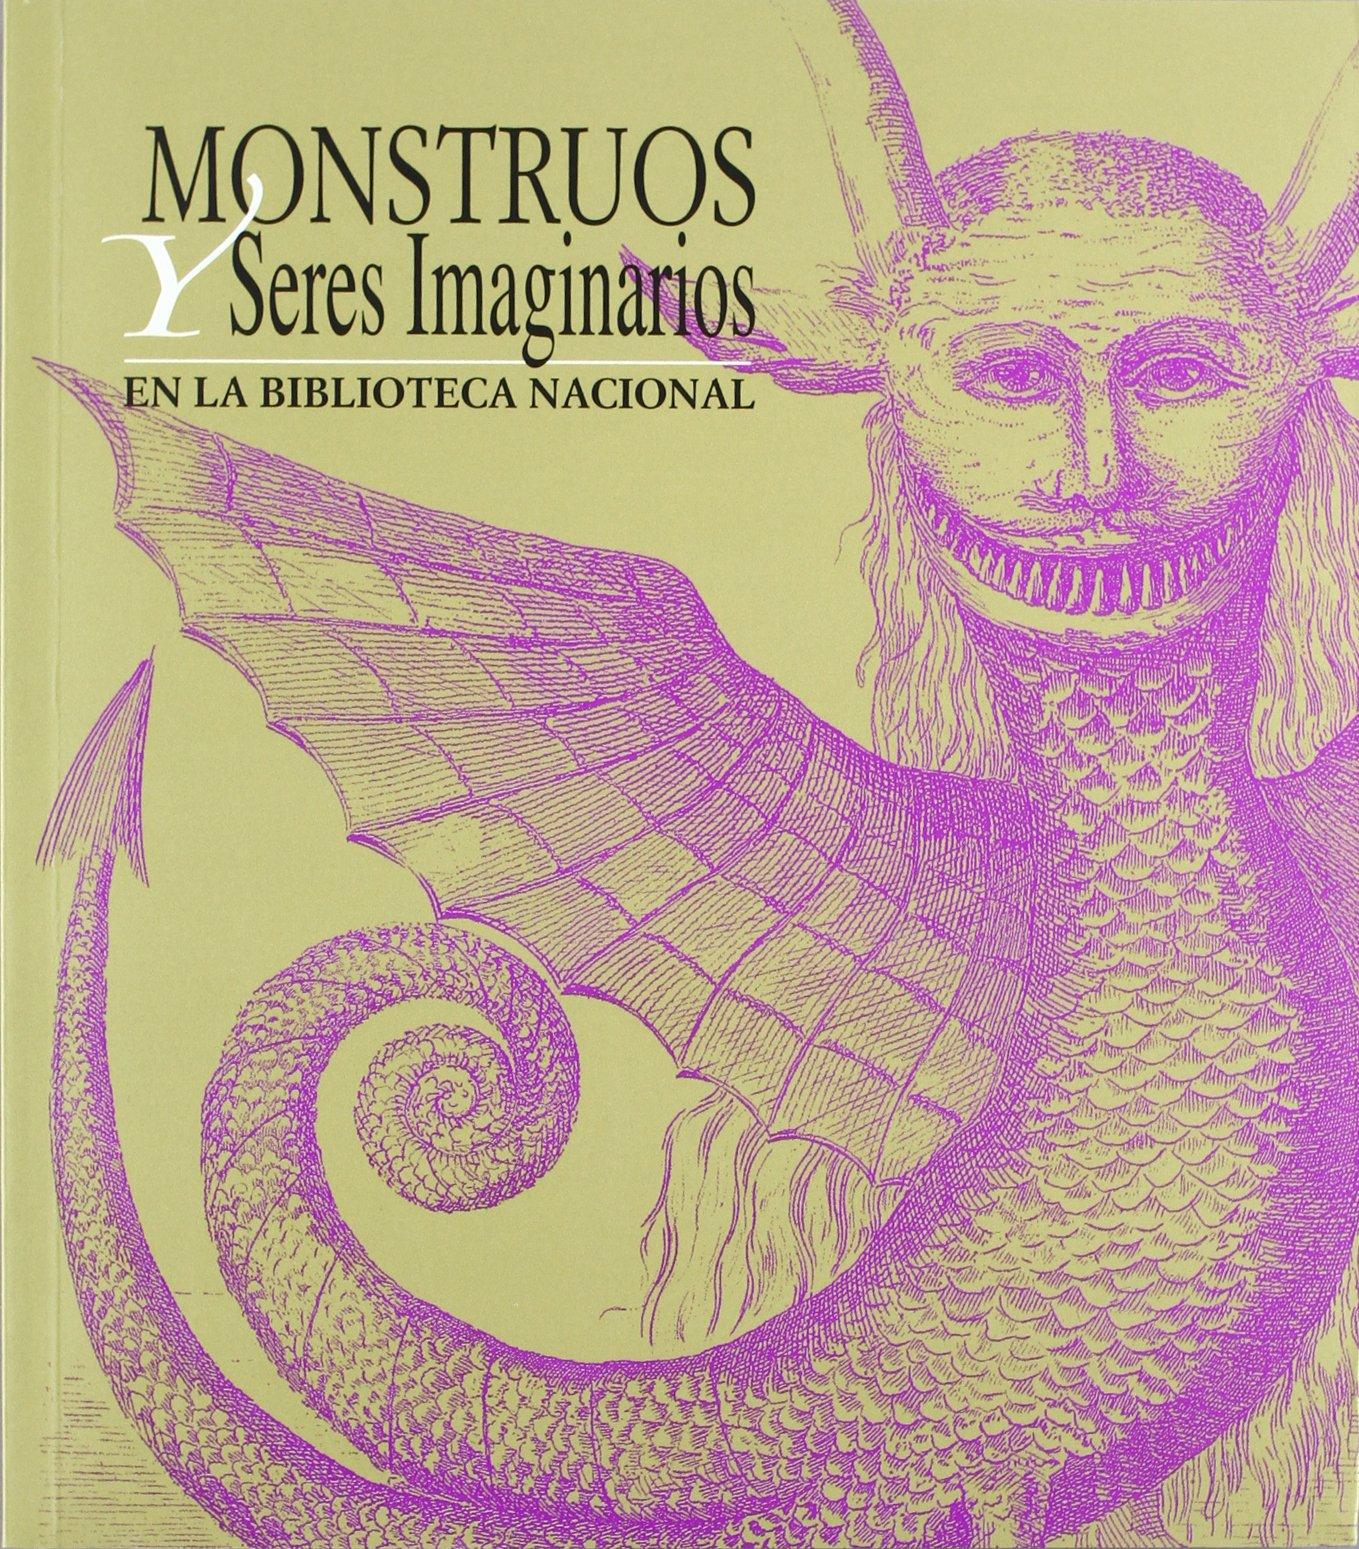 Monstruos y seres imaginarios en la Biblioteca Nacional: Amazon.es: Cultura: Libros